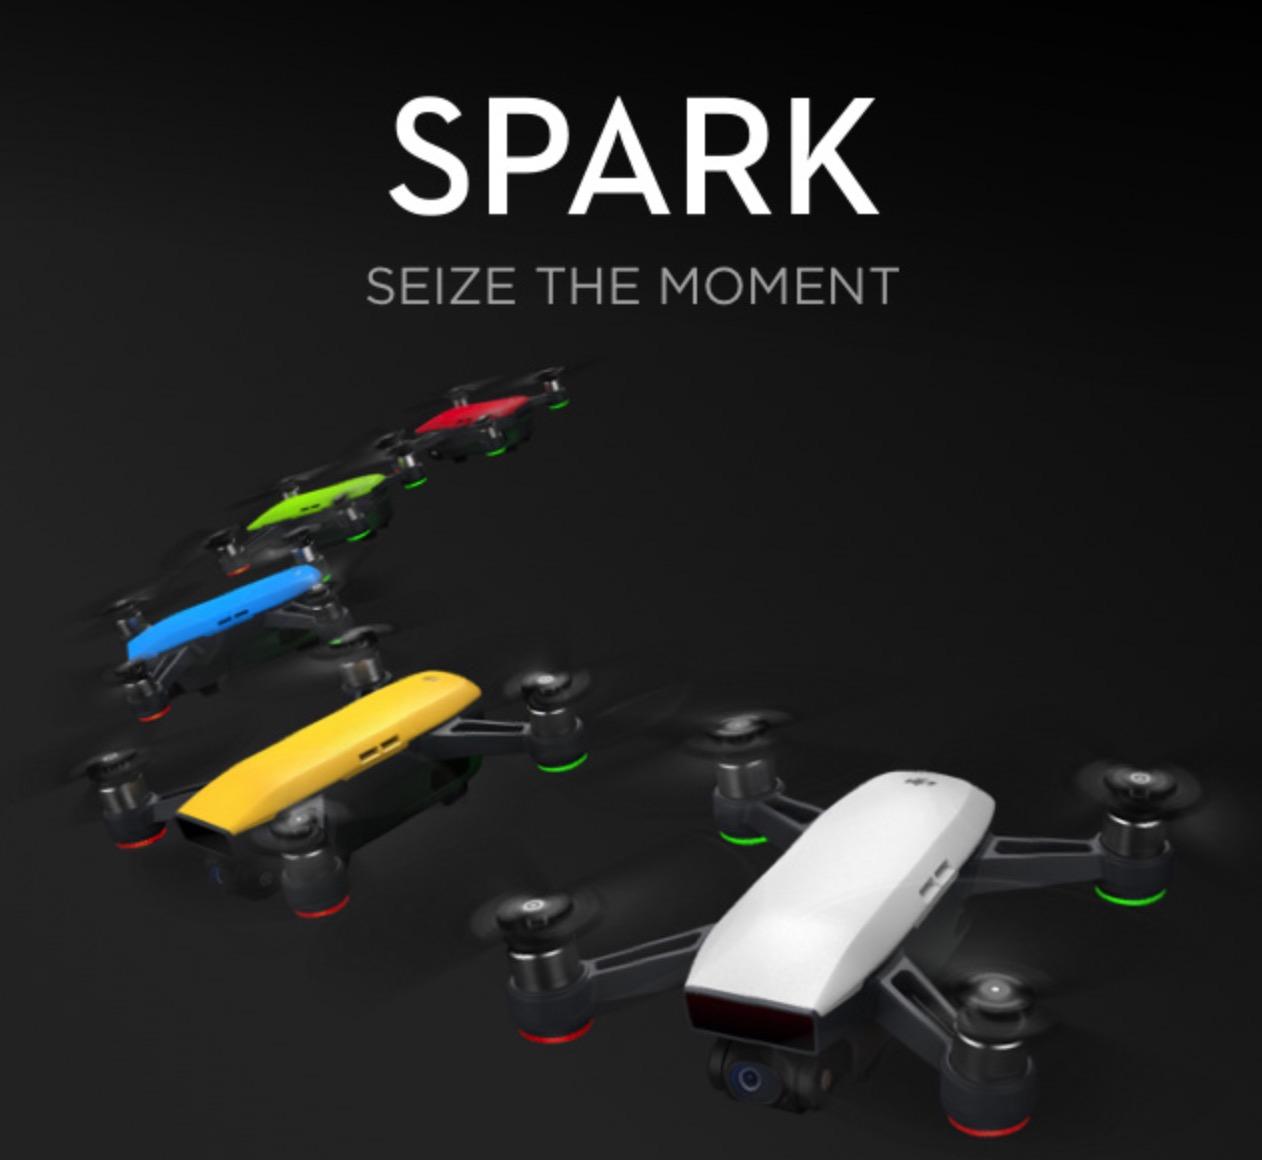 DJI 「Spark」「Mavic」「Phantom」を比較してみよう